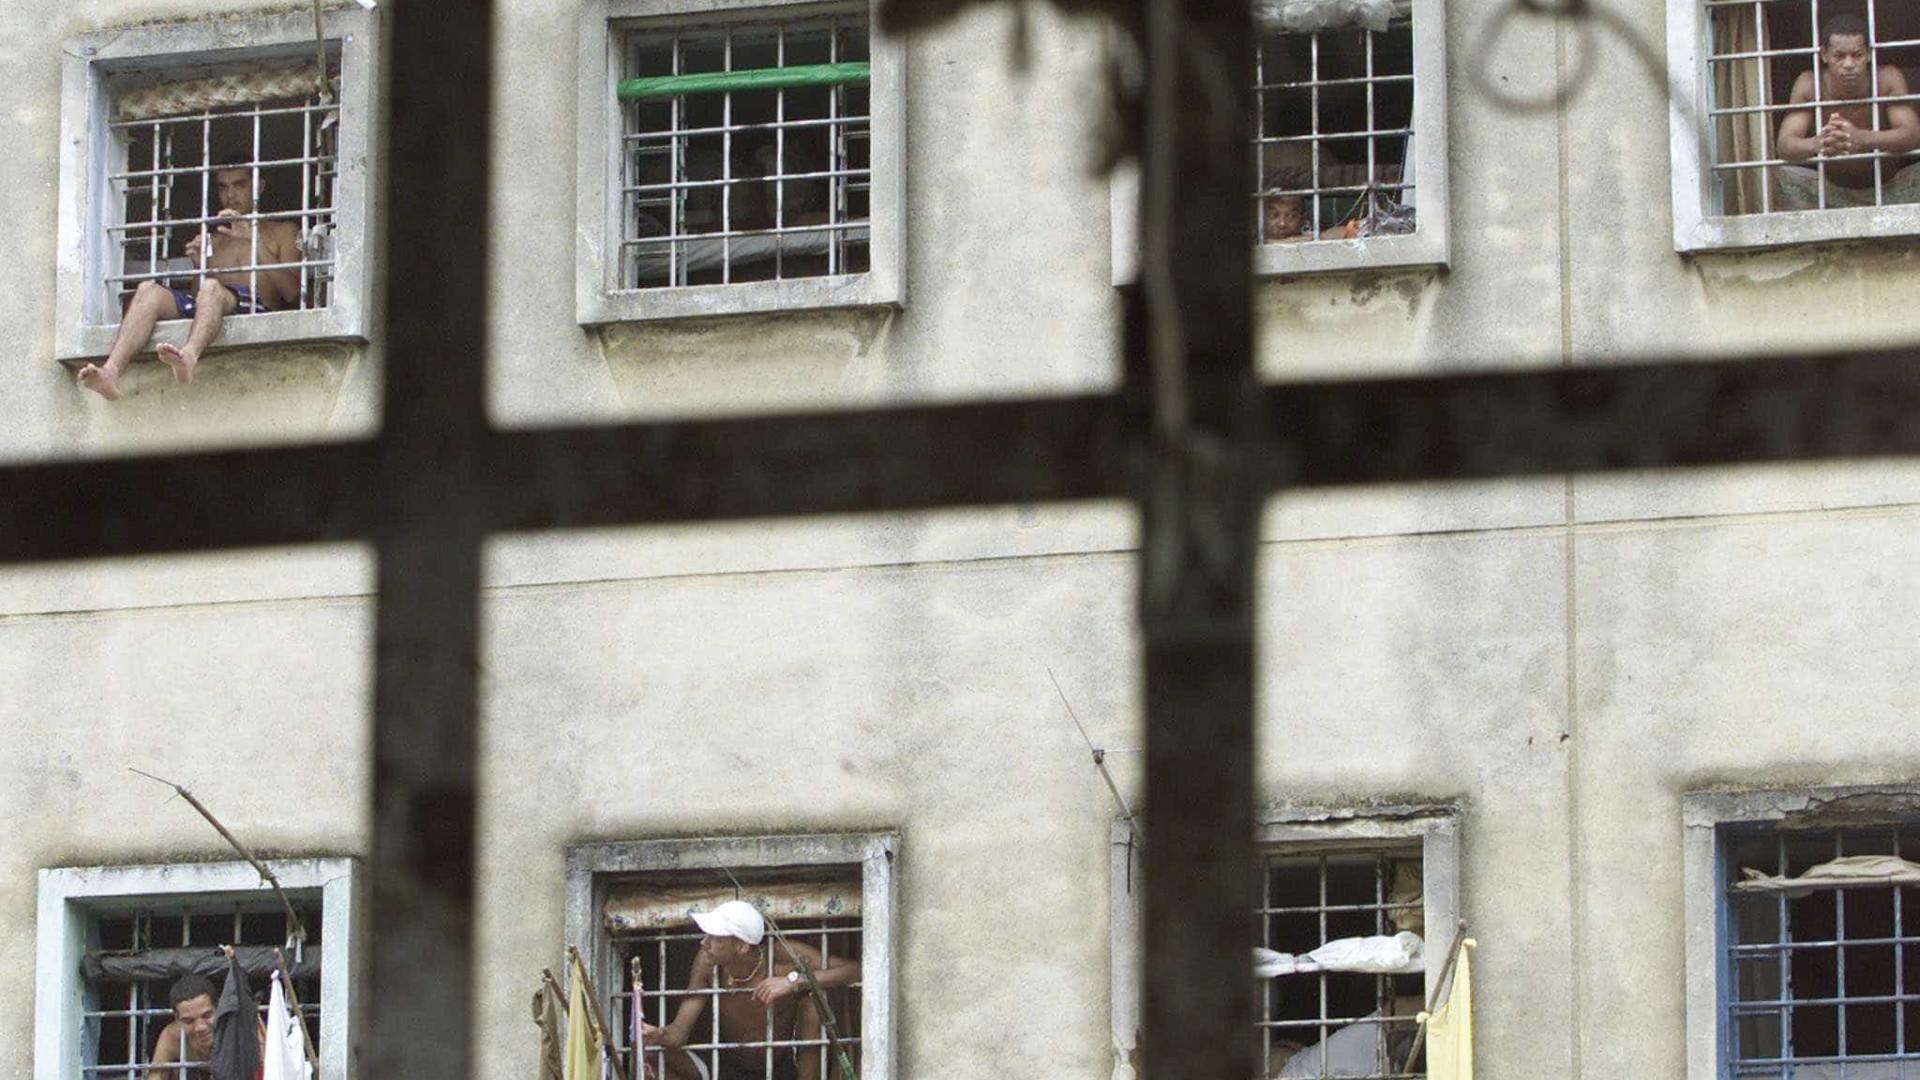 Presos fazem greve de fome em cadeias de 5 estados